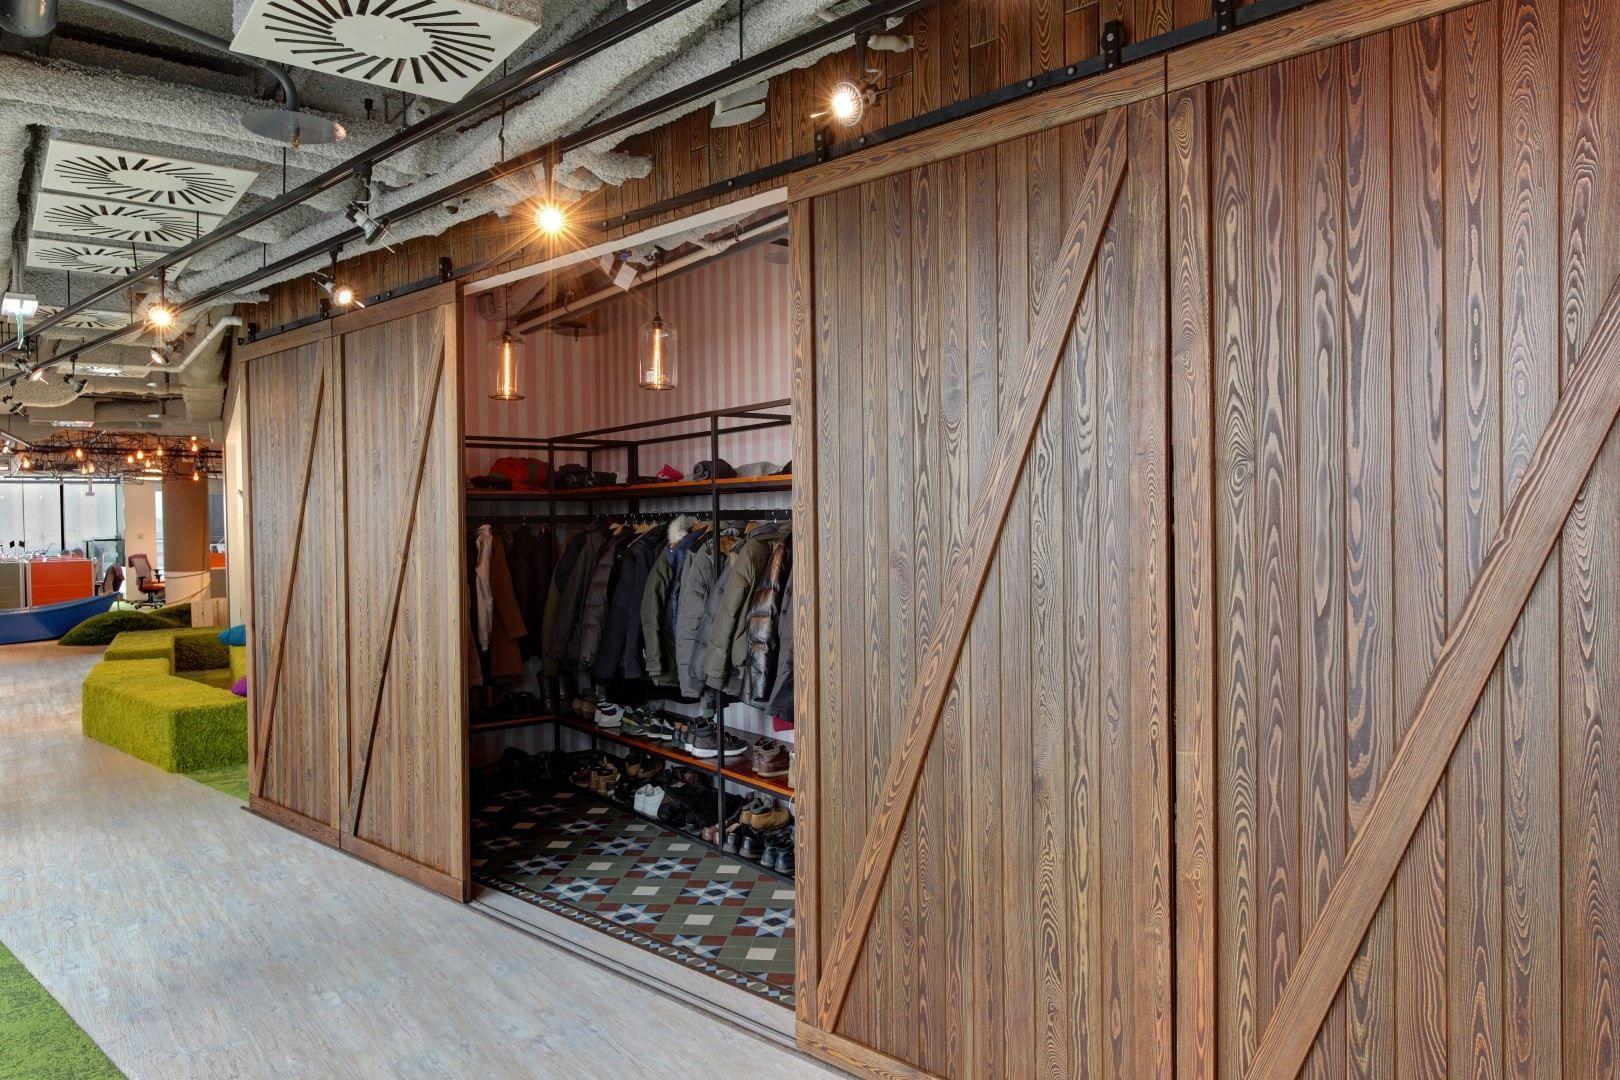 Avito picture gallery architecture interiordesign wardrobe